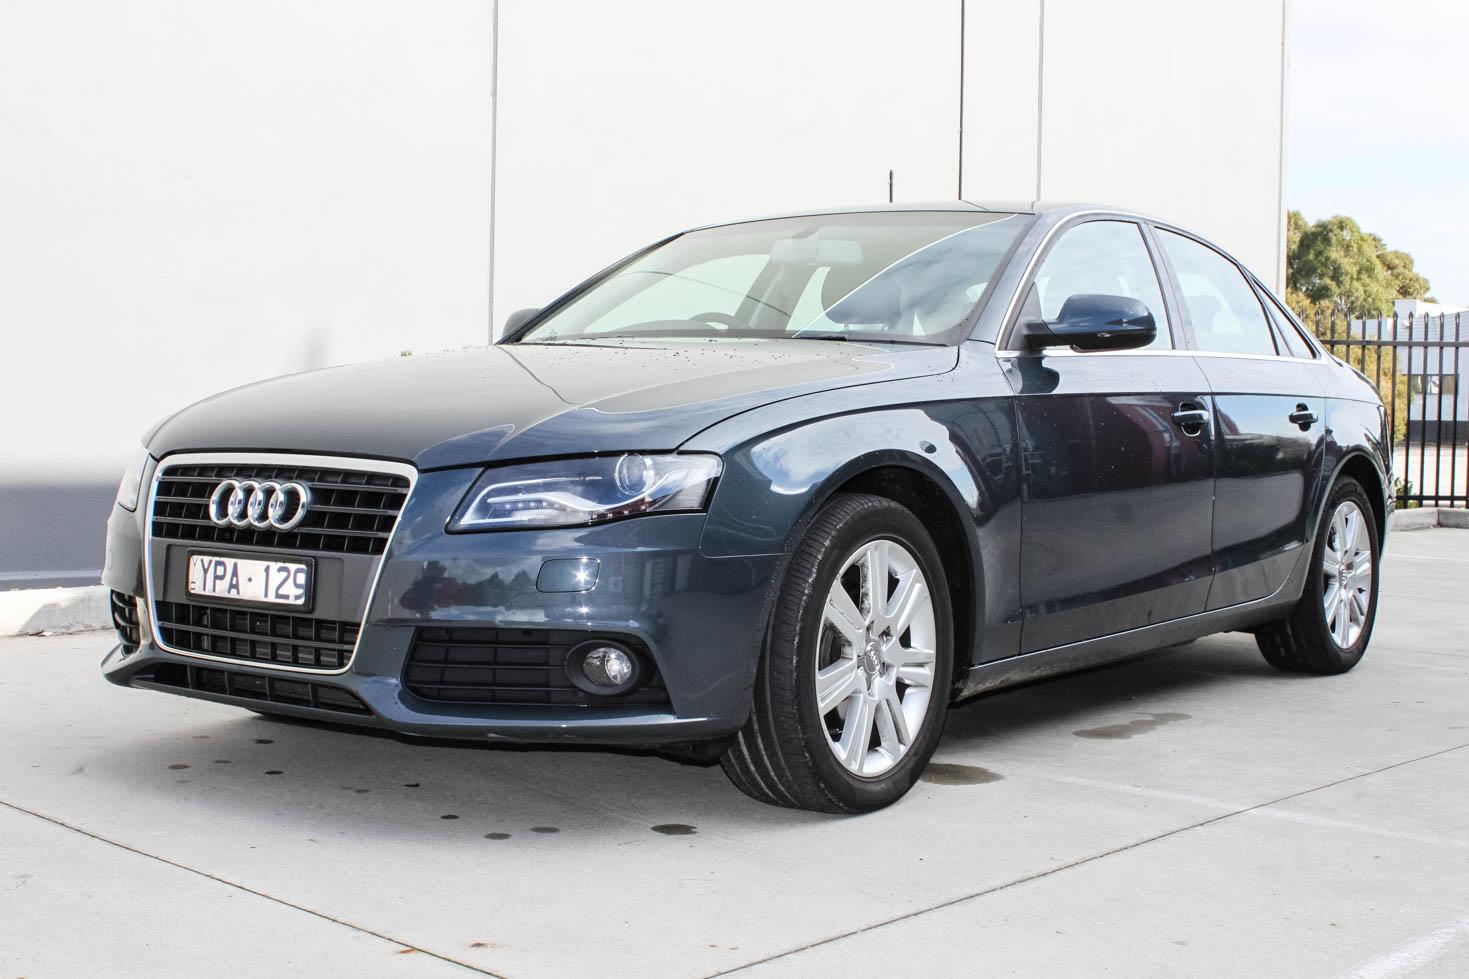 2011 Audi A4 1.8L Turbo Petrol - Find Me Cars